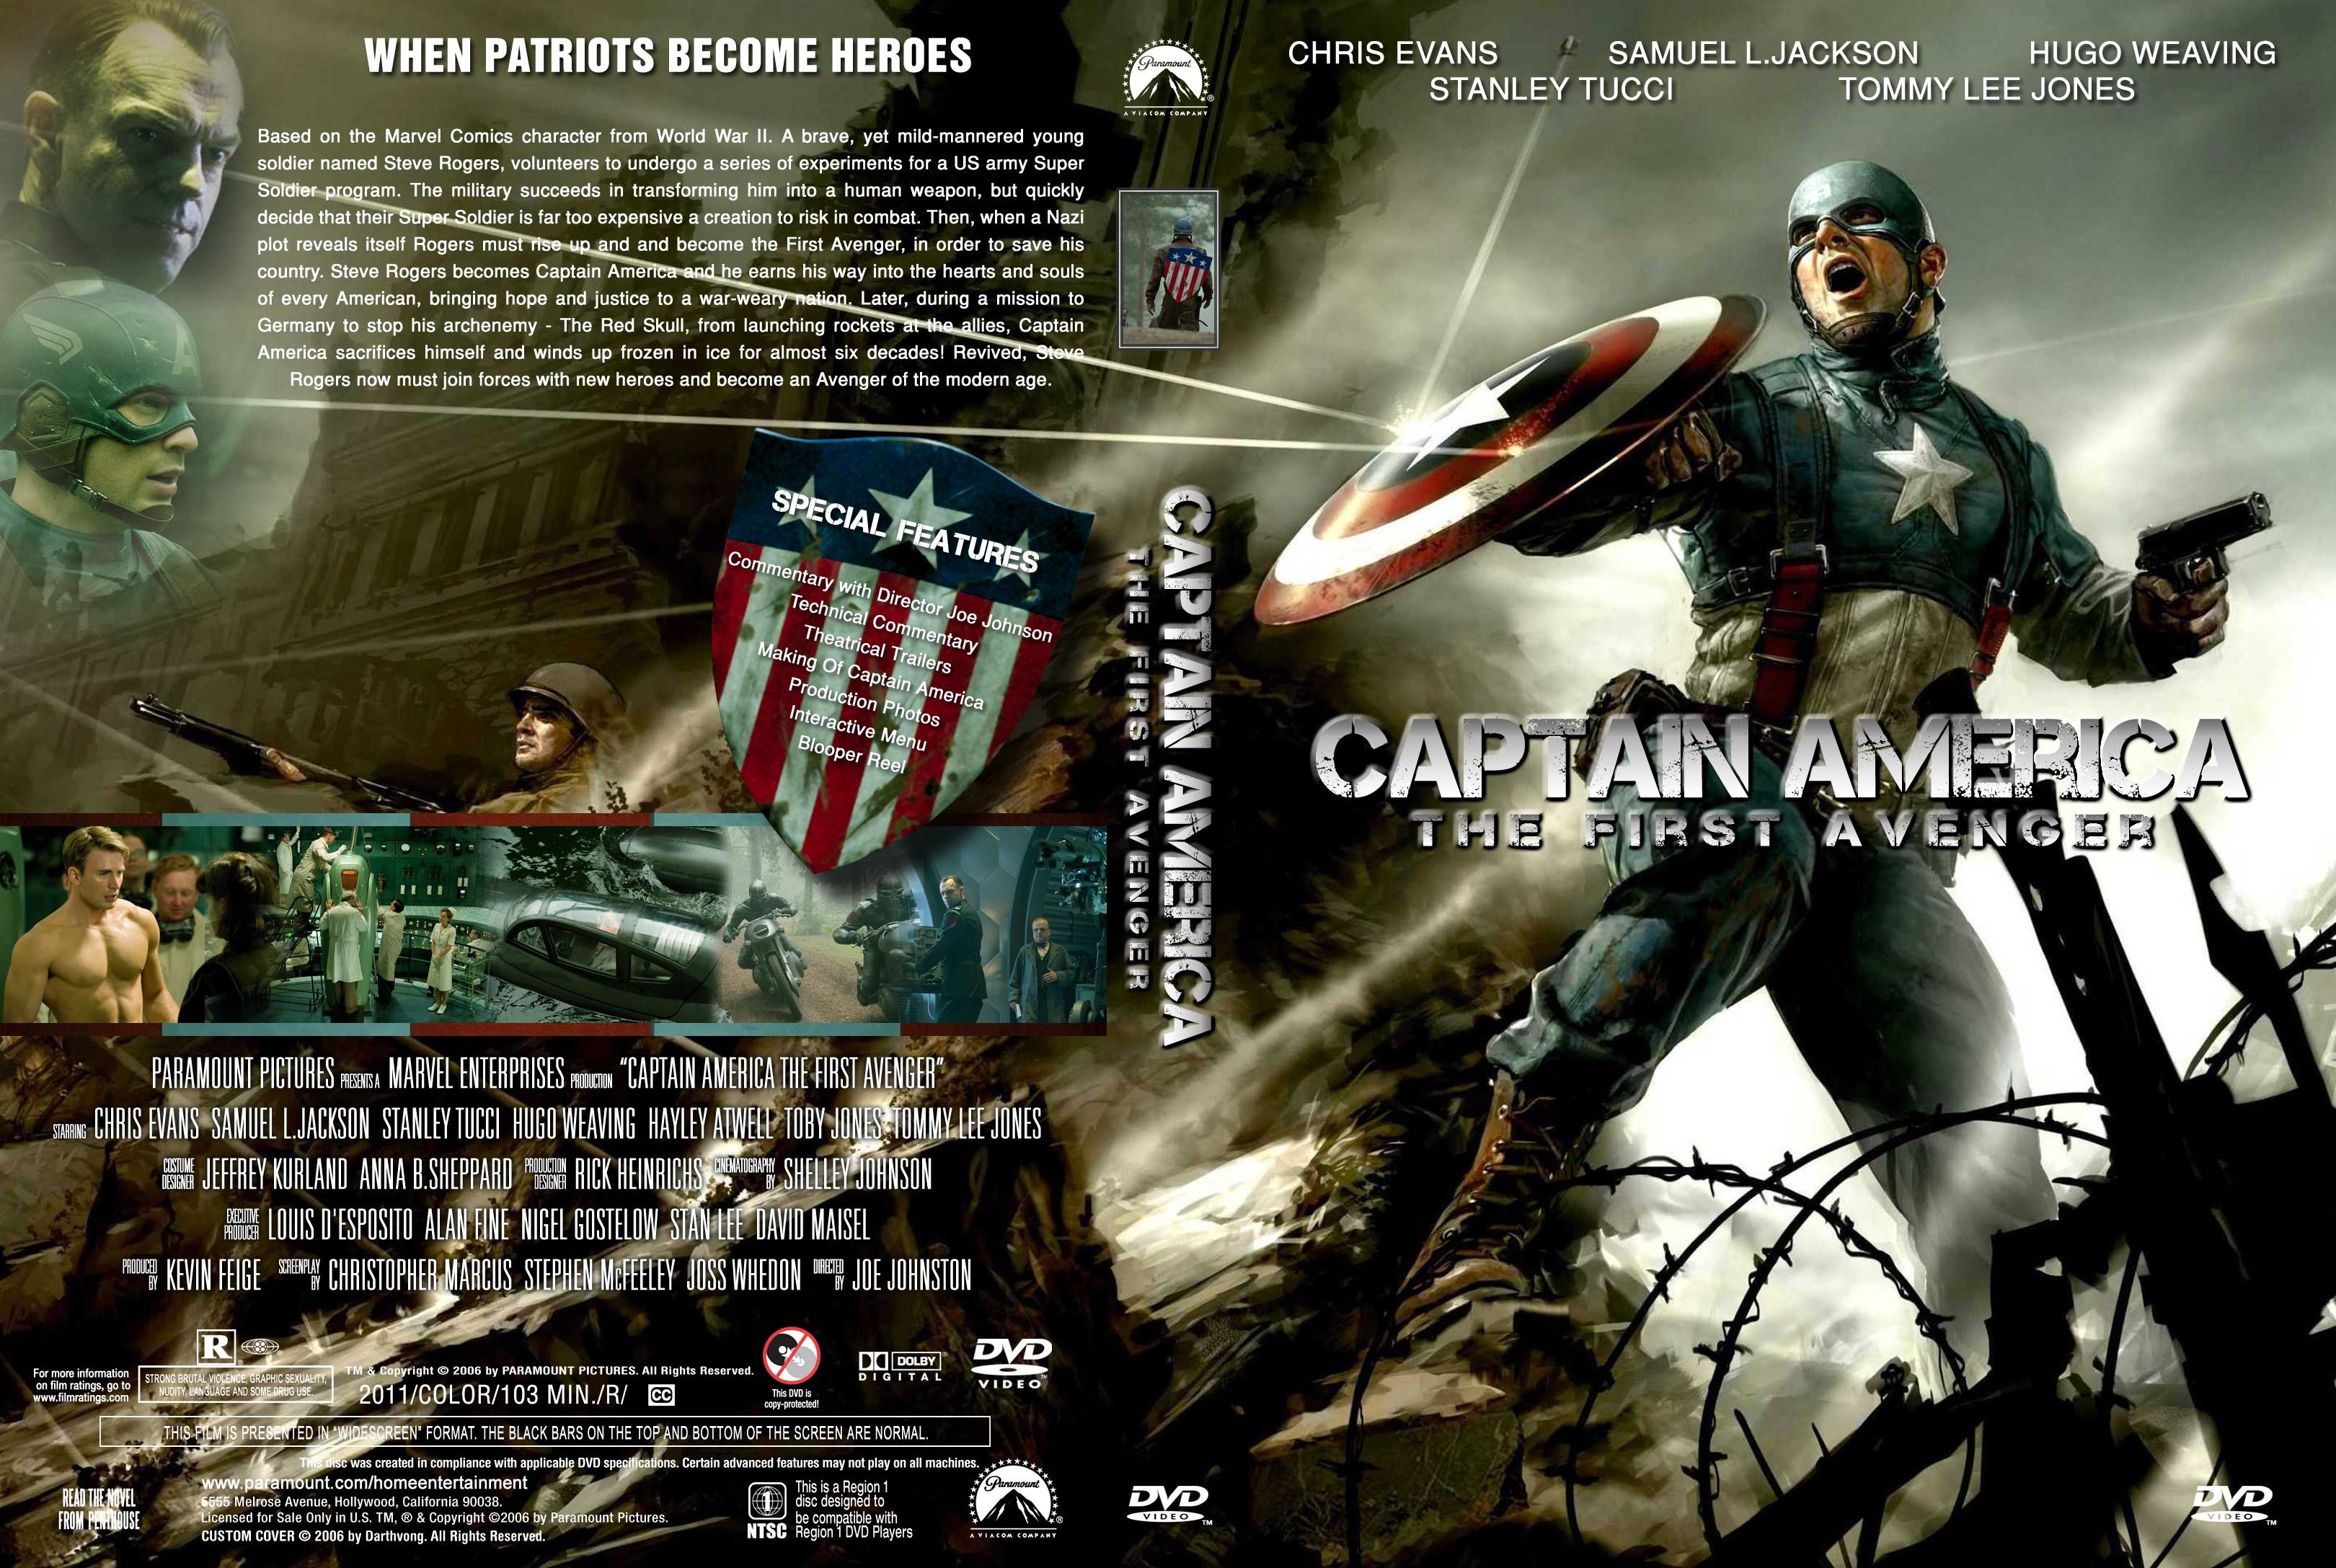 Captain america the first avenger 2011 - Captain America The First Avenger Dvd Cover